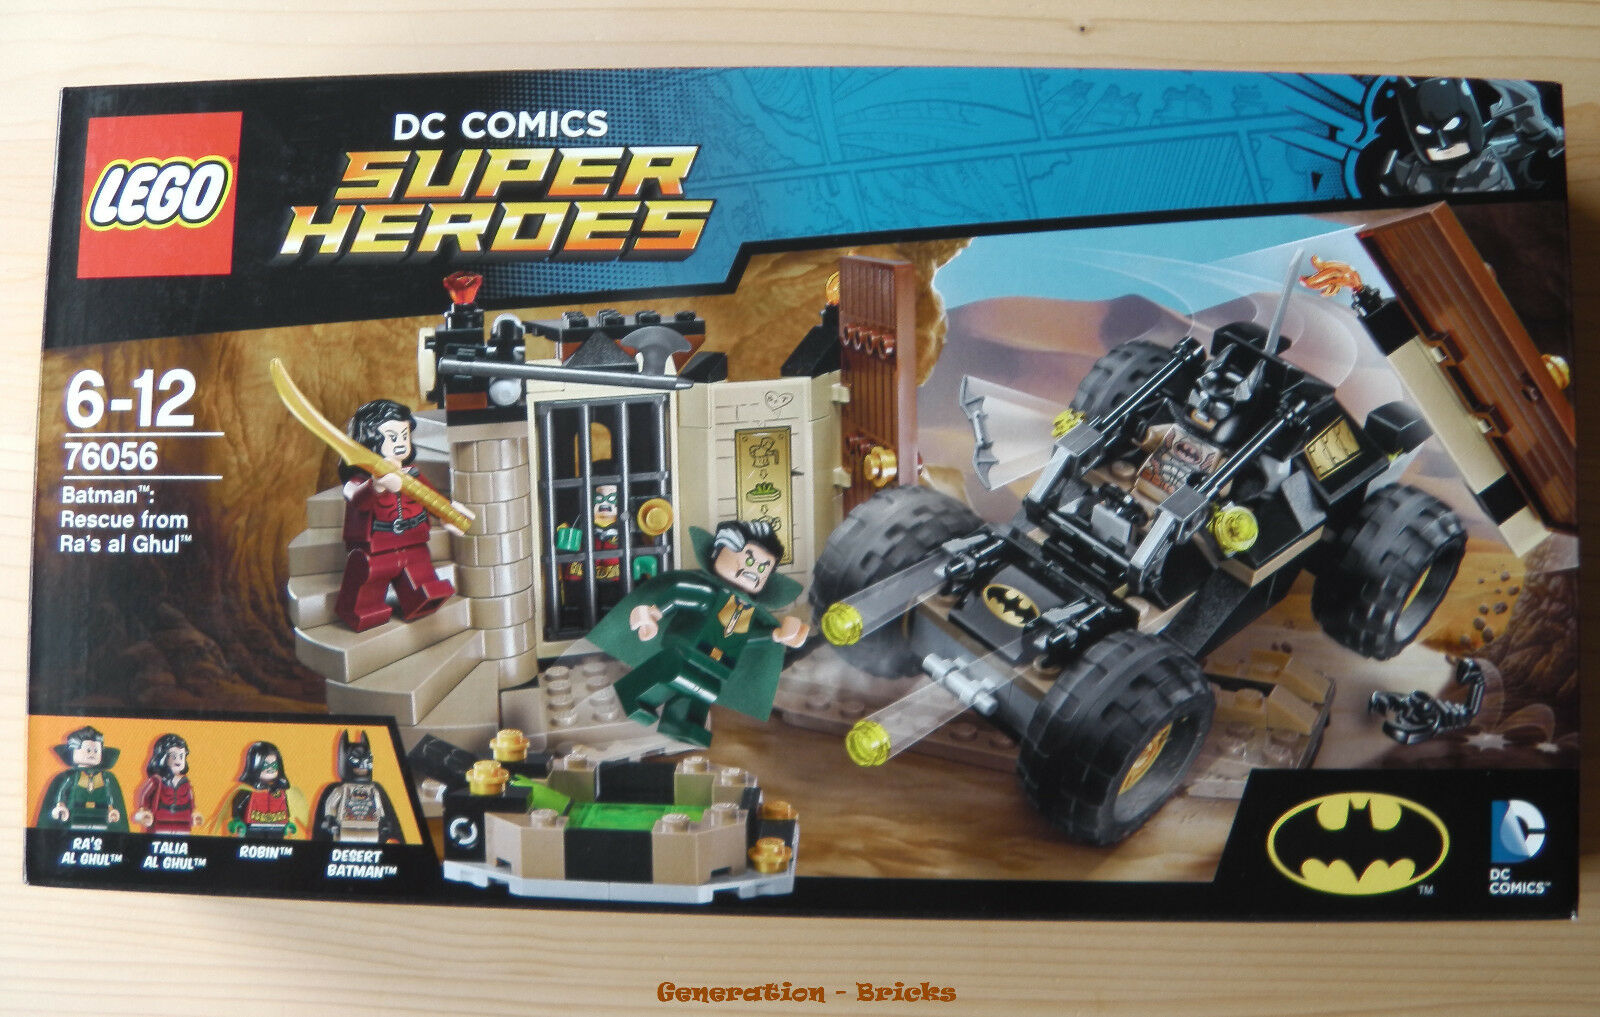 LEGO® (76056) DC Comics™ Super Heroes Batman™  Ra's Ra's Ra's al Ghuls™ Rache NEU a4f363